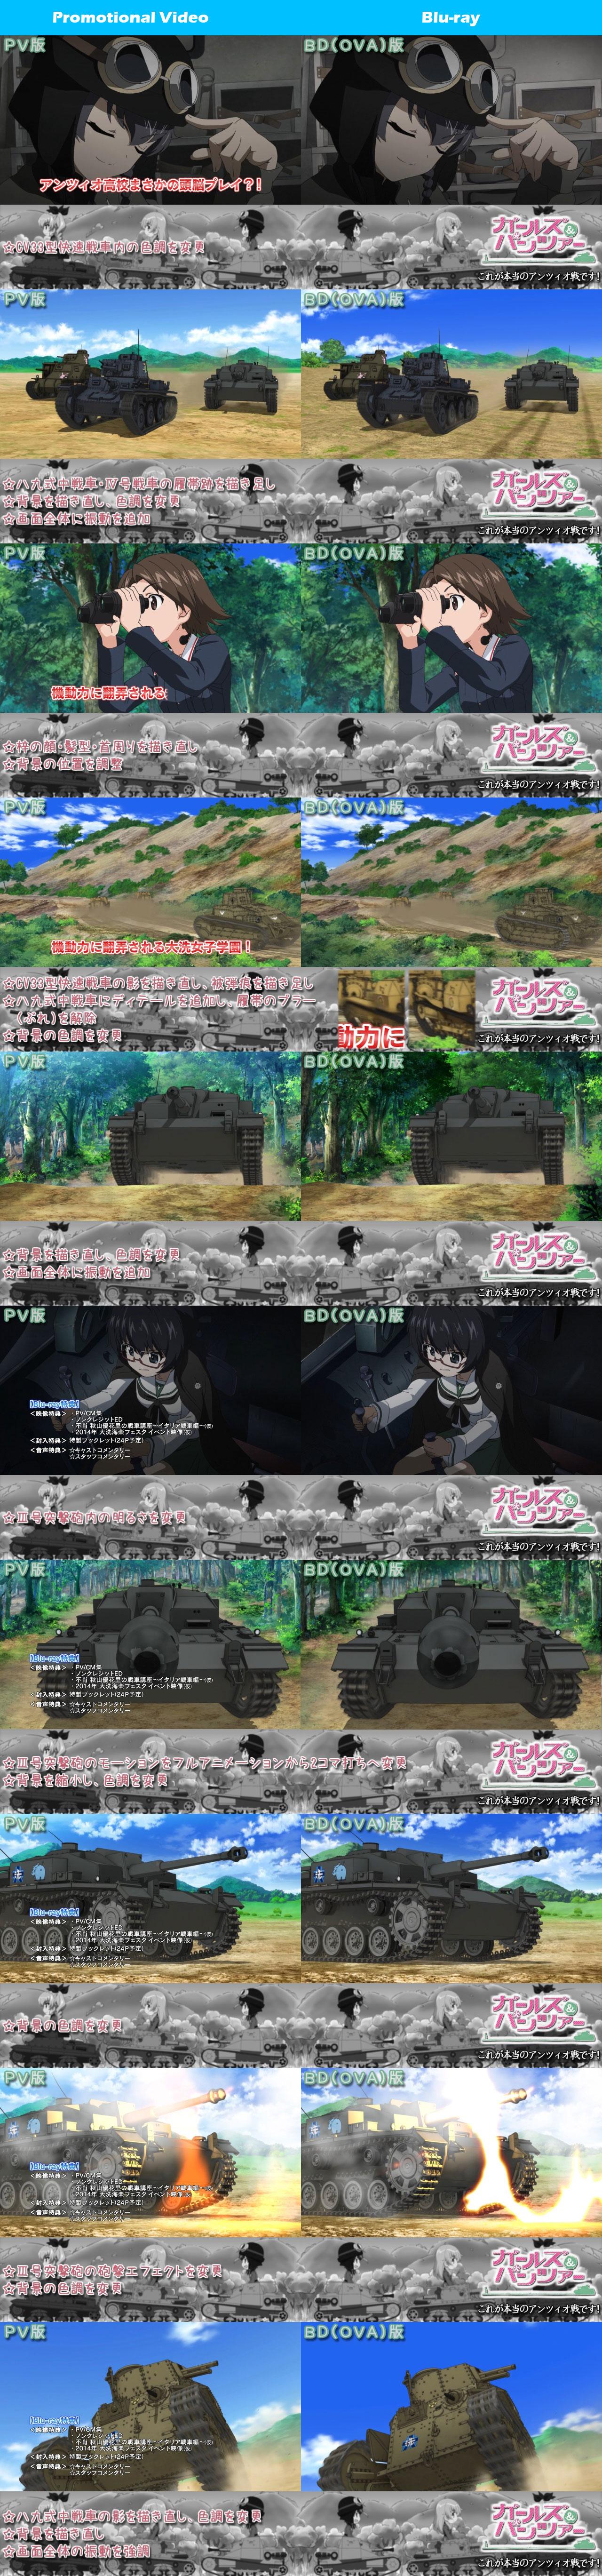 Girls-Und-Panzer-Kore-Ga-Hontou-No-Anzio-Sen-Desu-TV-and-Blu-ray-Comparison-4